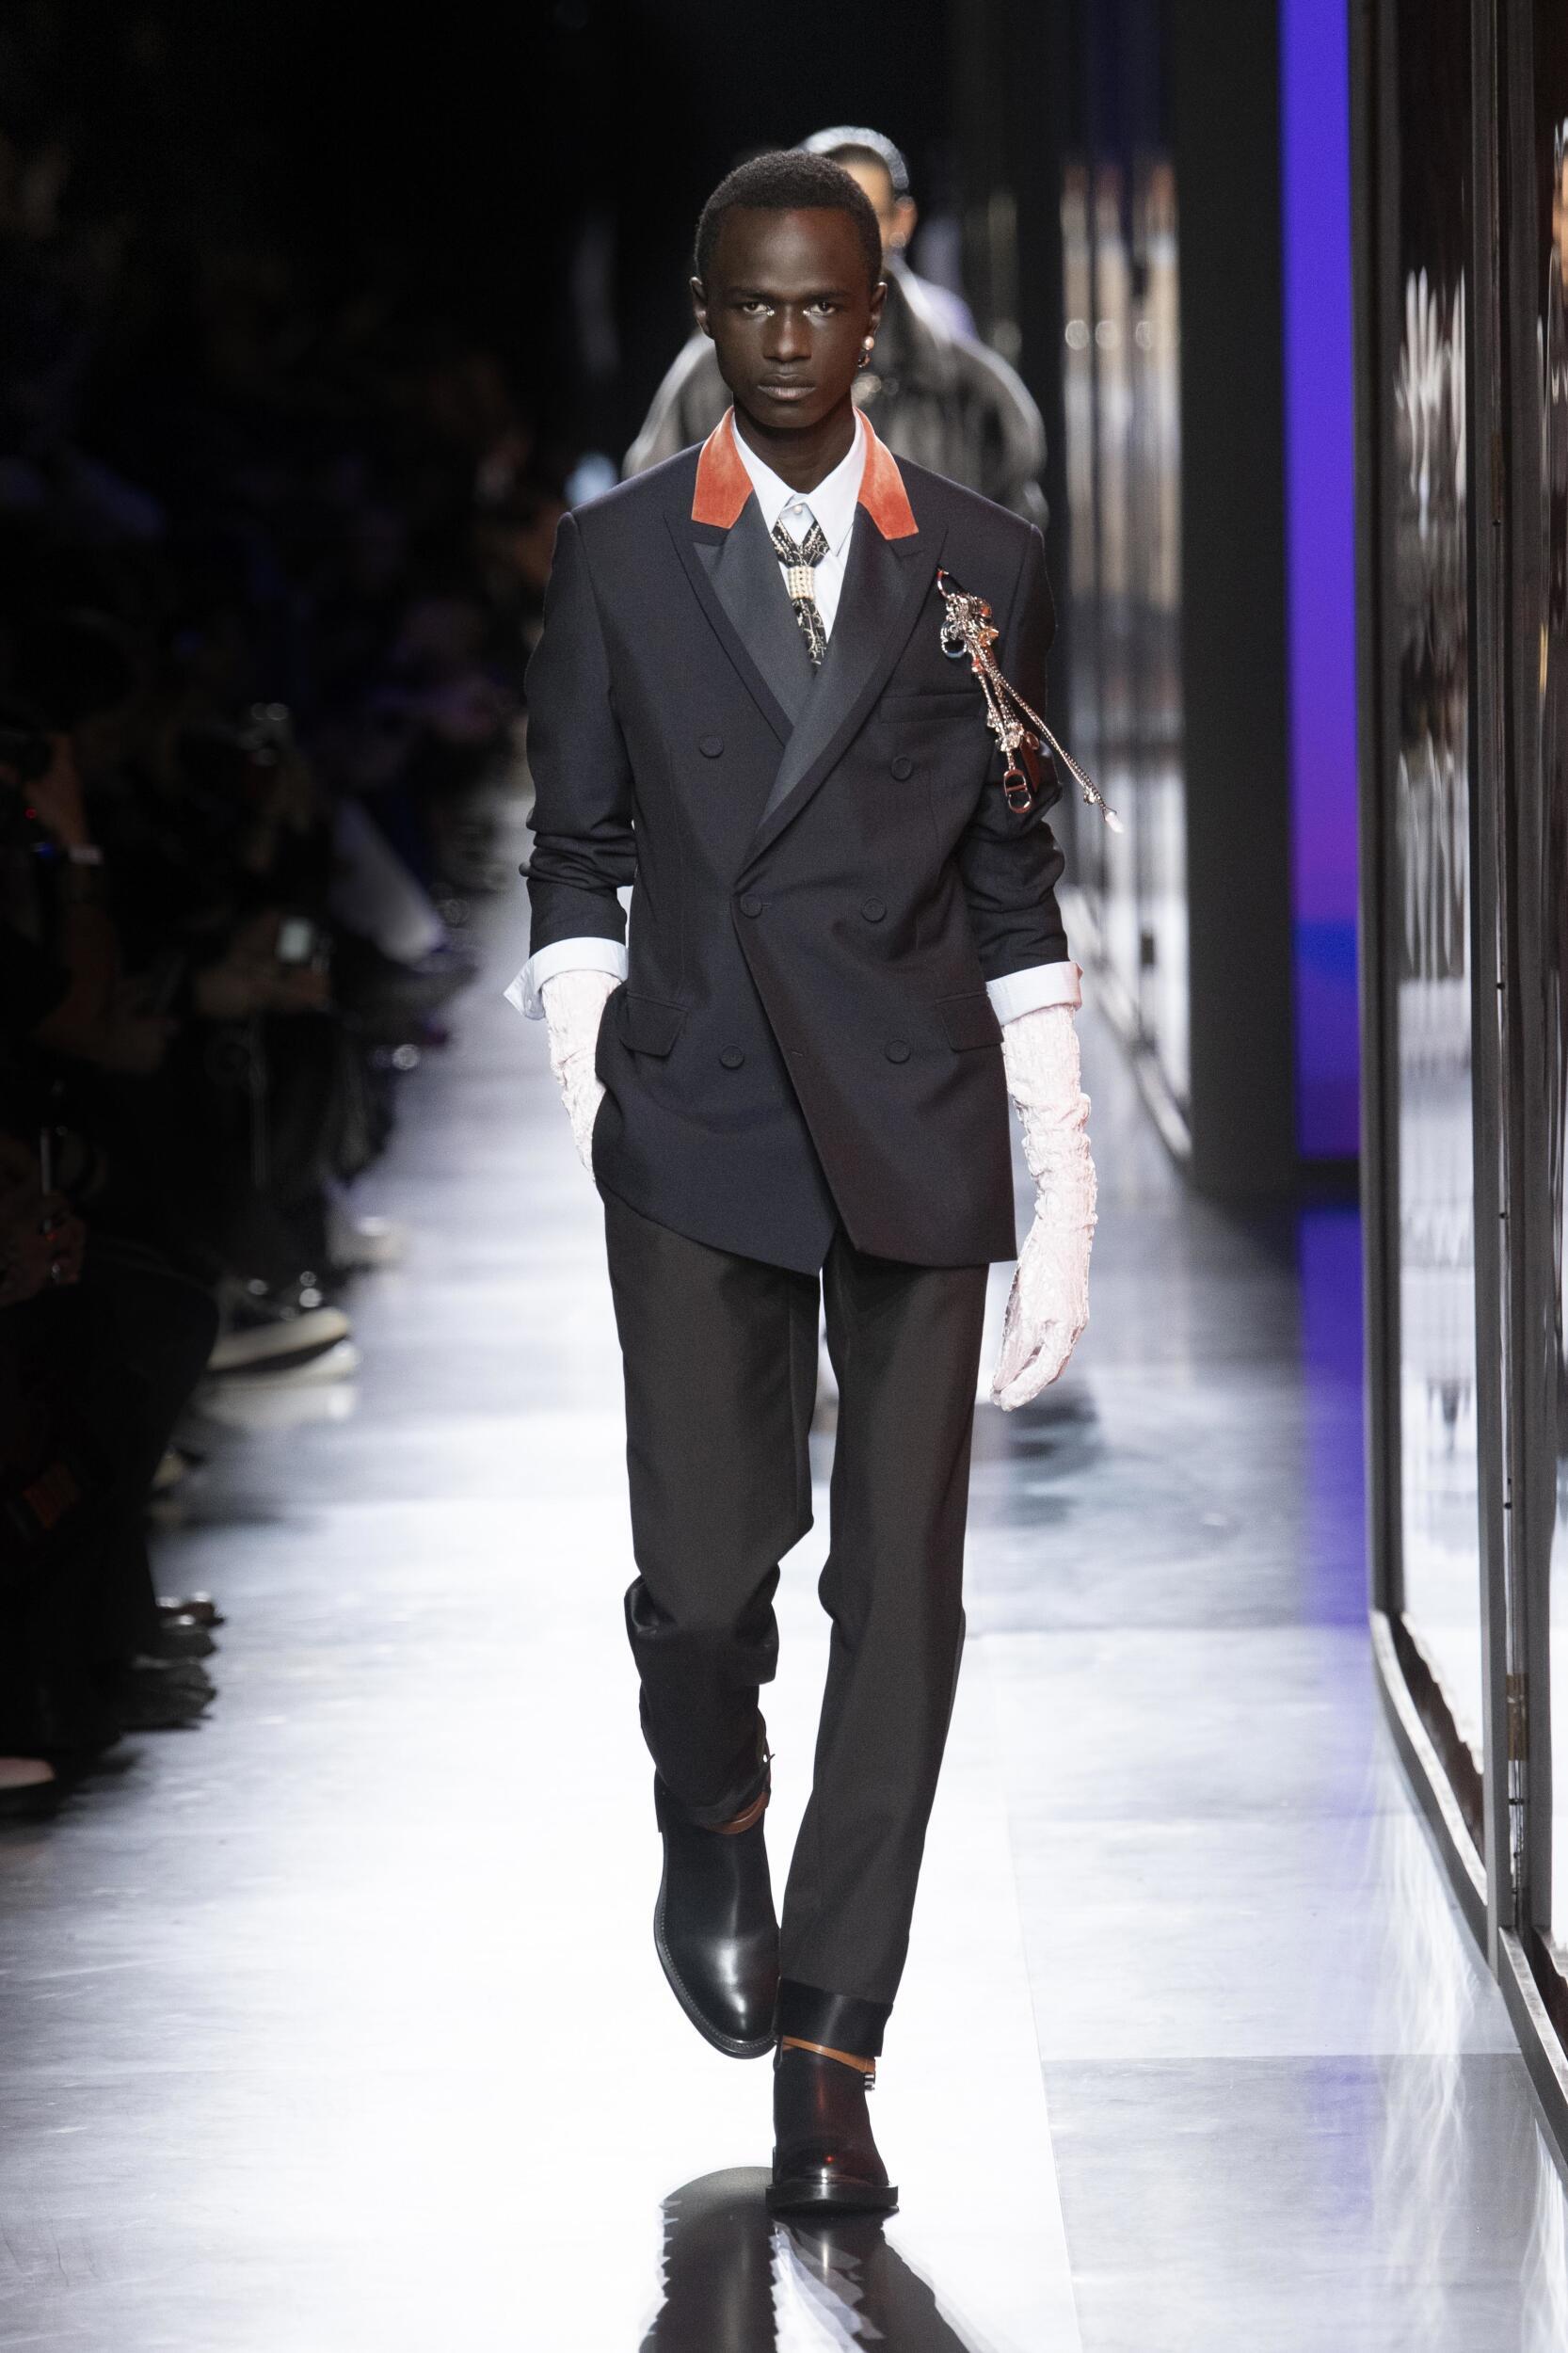 Dior FW 2020 Menswear